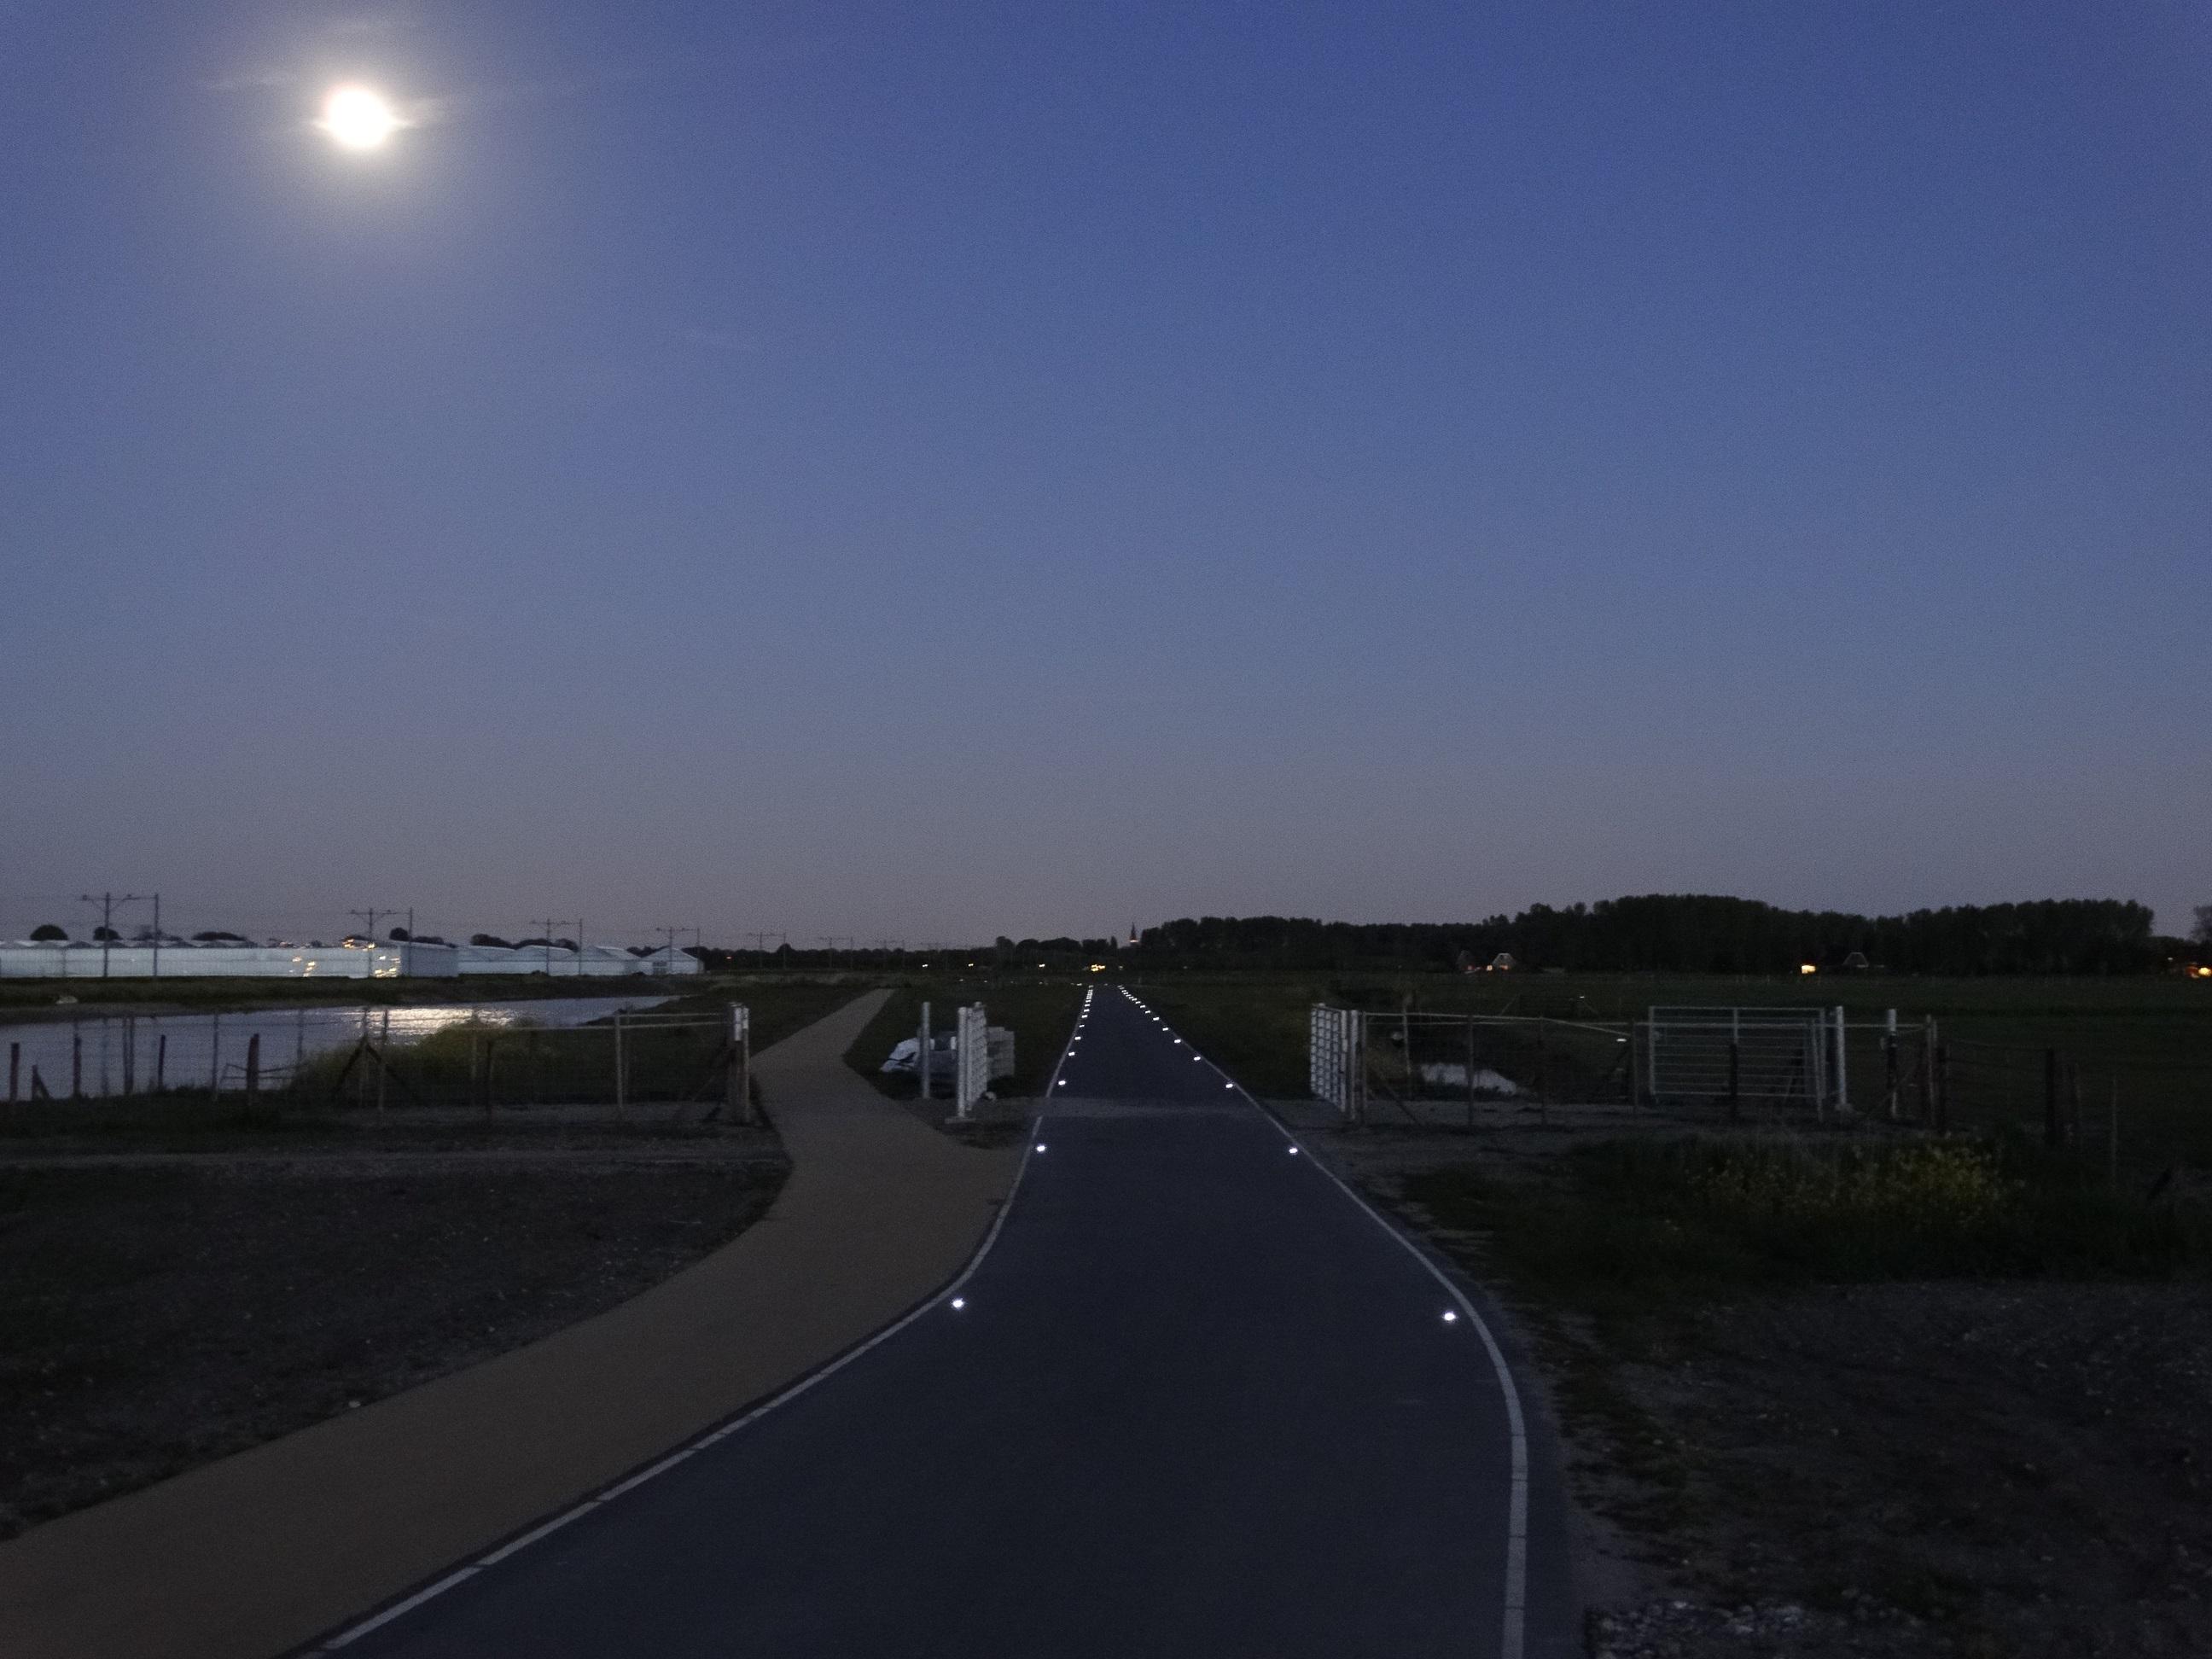 Solar wegdekreflector